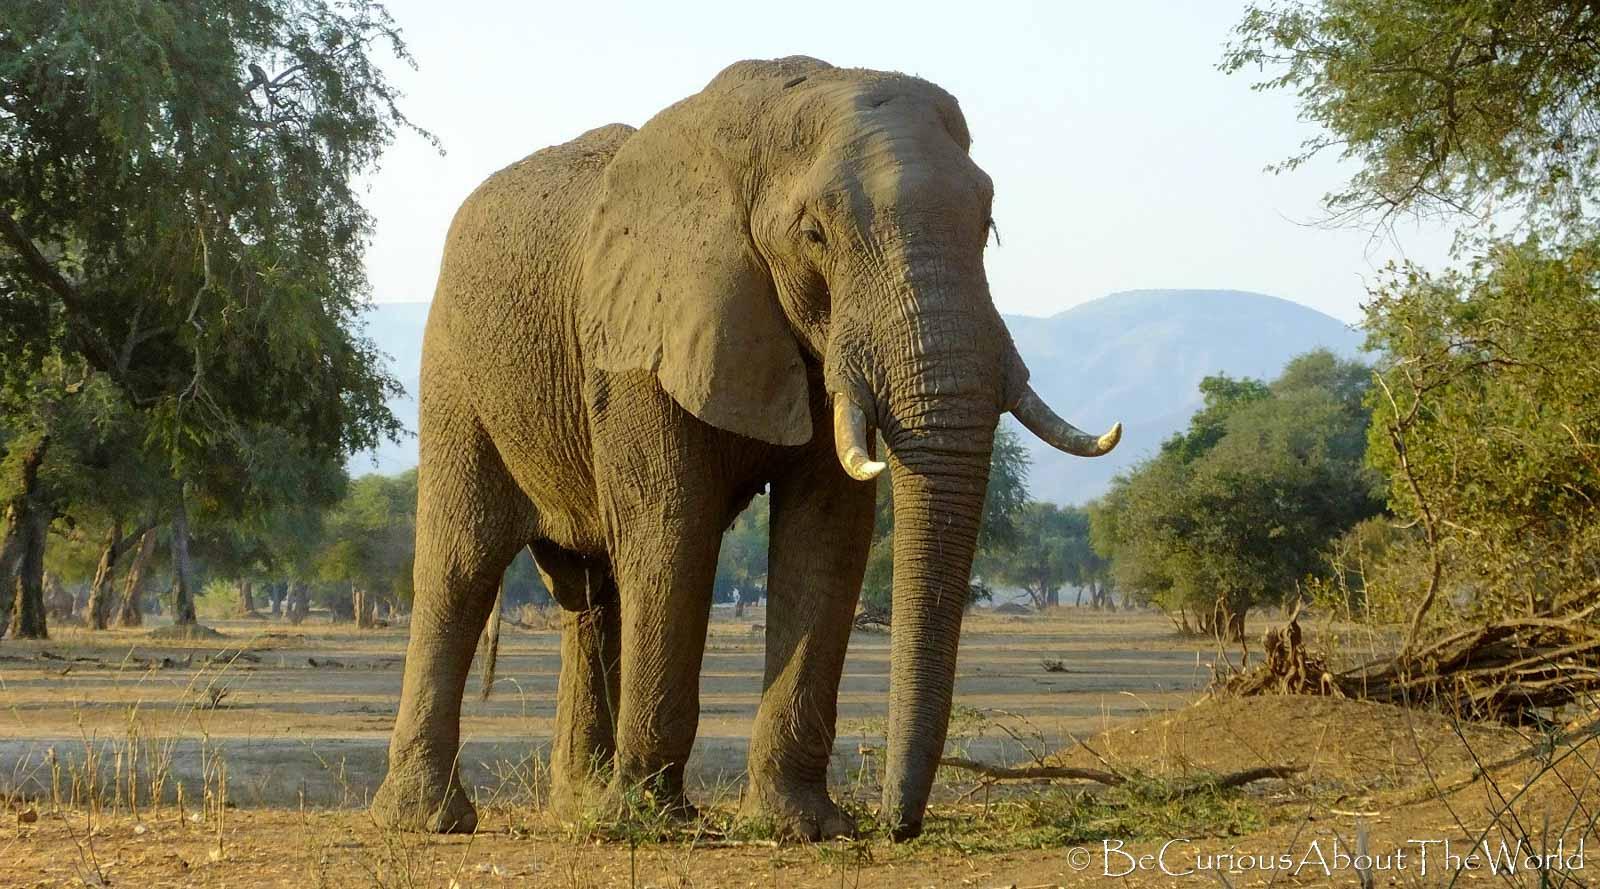 BeCuriousAboutTheWord - Zimbabwe